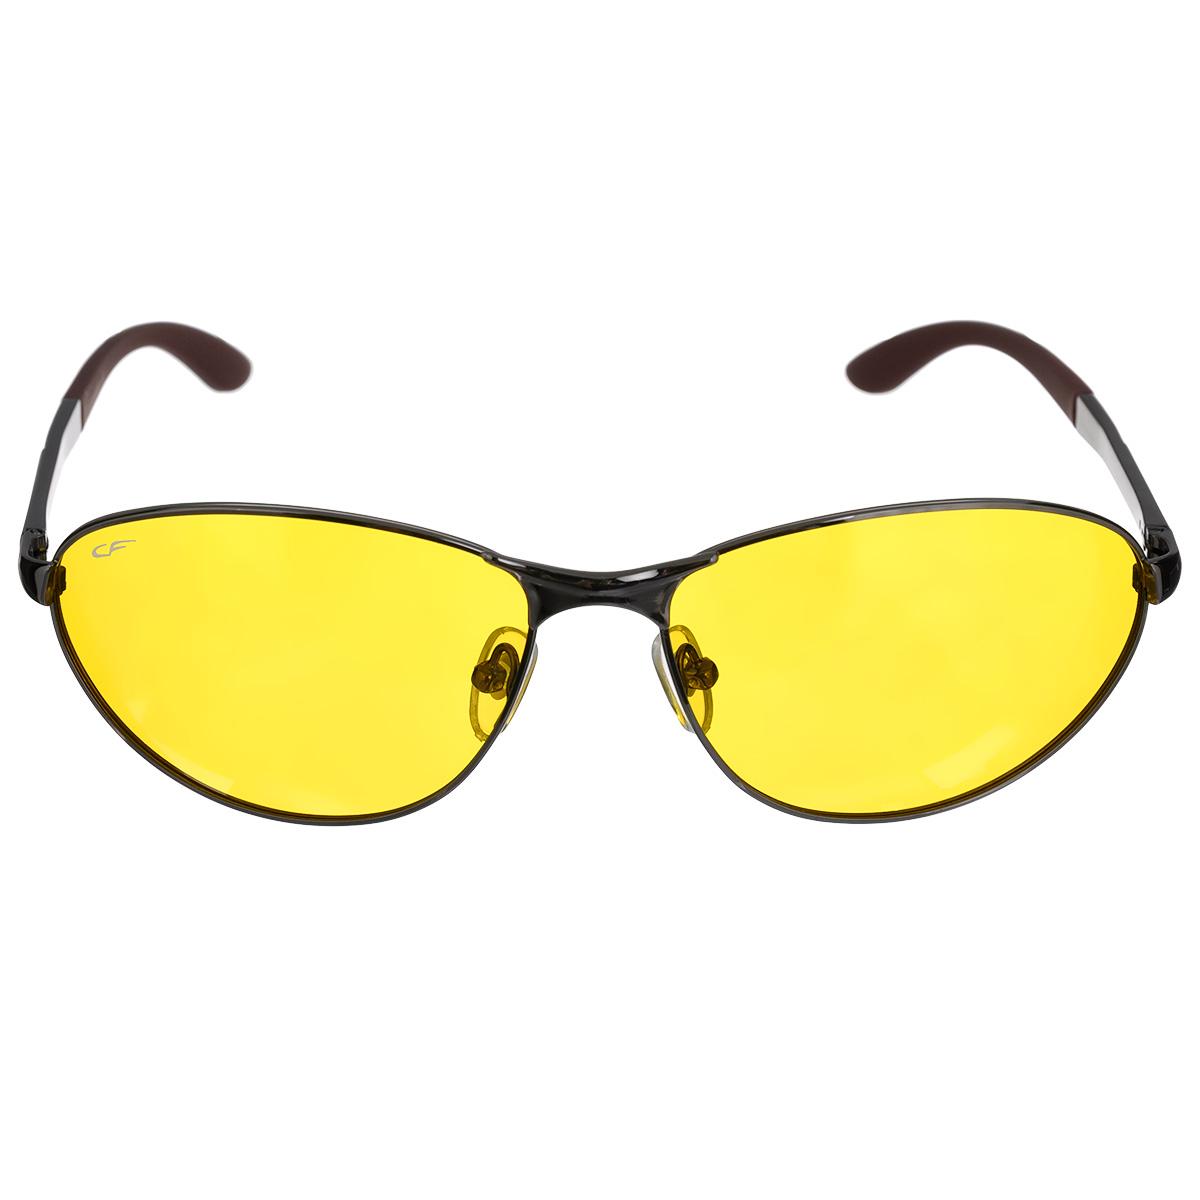 Очки поляризационные Cafa France, цвет: желтый. CF8199YCF8199YОчки поляризационные Cafa France предназначены для защиты органов зрения от ультрафиолета, а также блокировки бликов. Оправа изготовлена из гибкого пластика, который не бьется и не подвергается остаточным деформациям. Оправа разработана для комфортного и безопасного вождения - легкая, надежная, не закрывающая обзор в зоне периферийного зрения. Прорезиненные элементы на дужках и надежные узлы крепления предотвращают соскальзывание. Категория затемнения линз - Cat.1. Практичный аксессуар не только защитит ваши глаза, но и ярко подчеркнет ваш стиль.